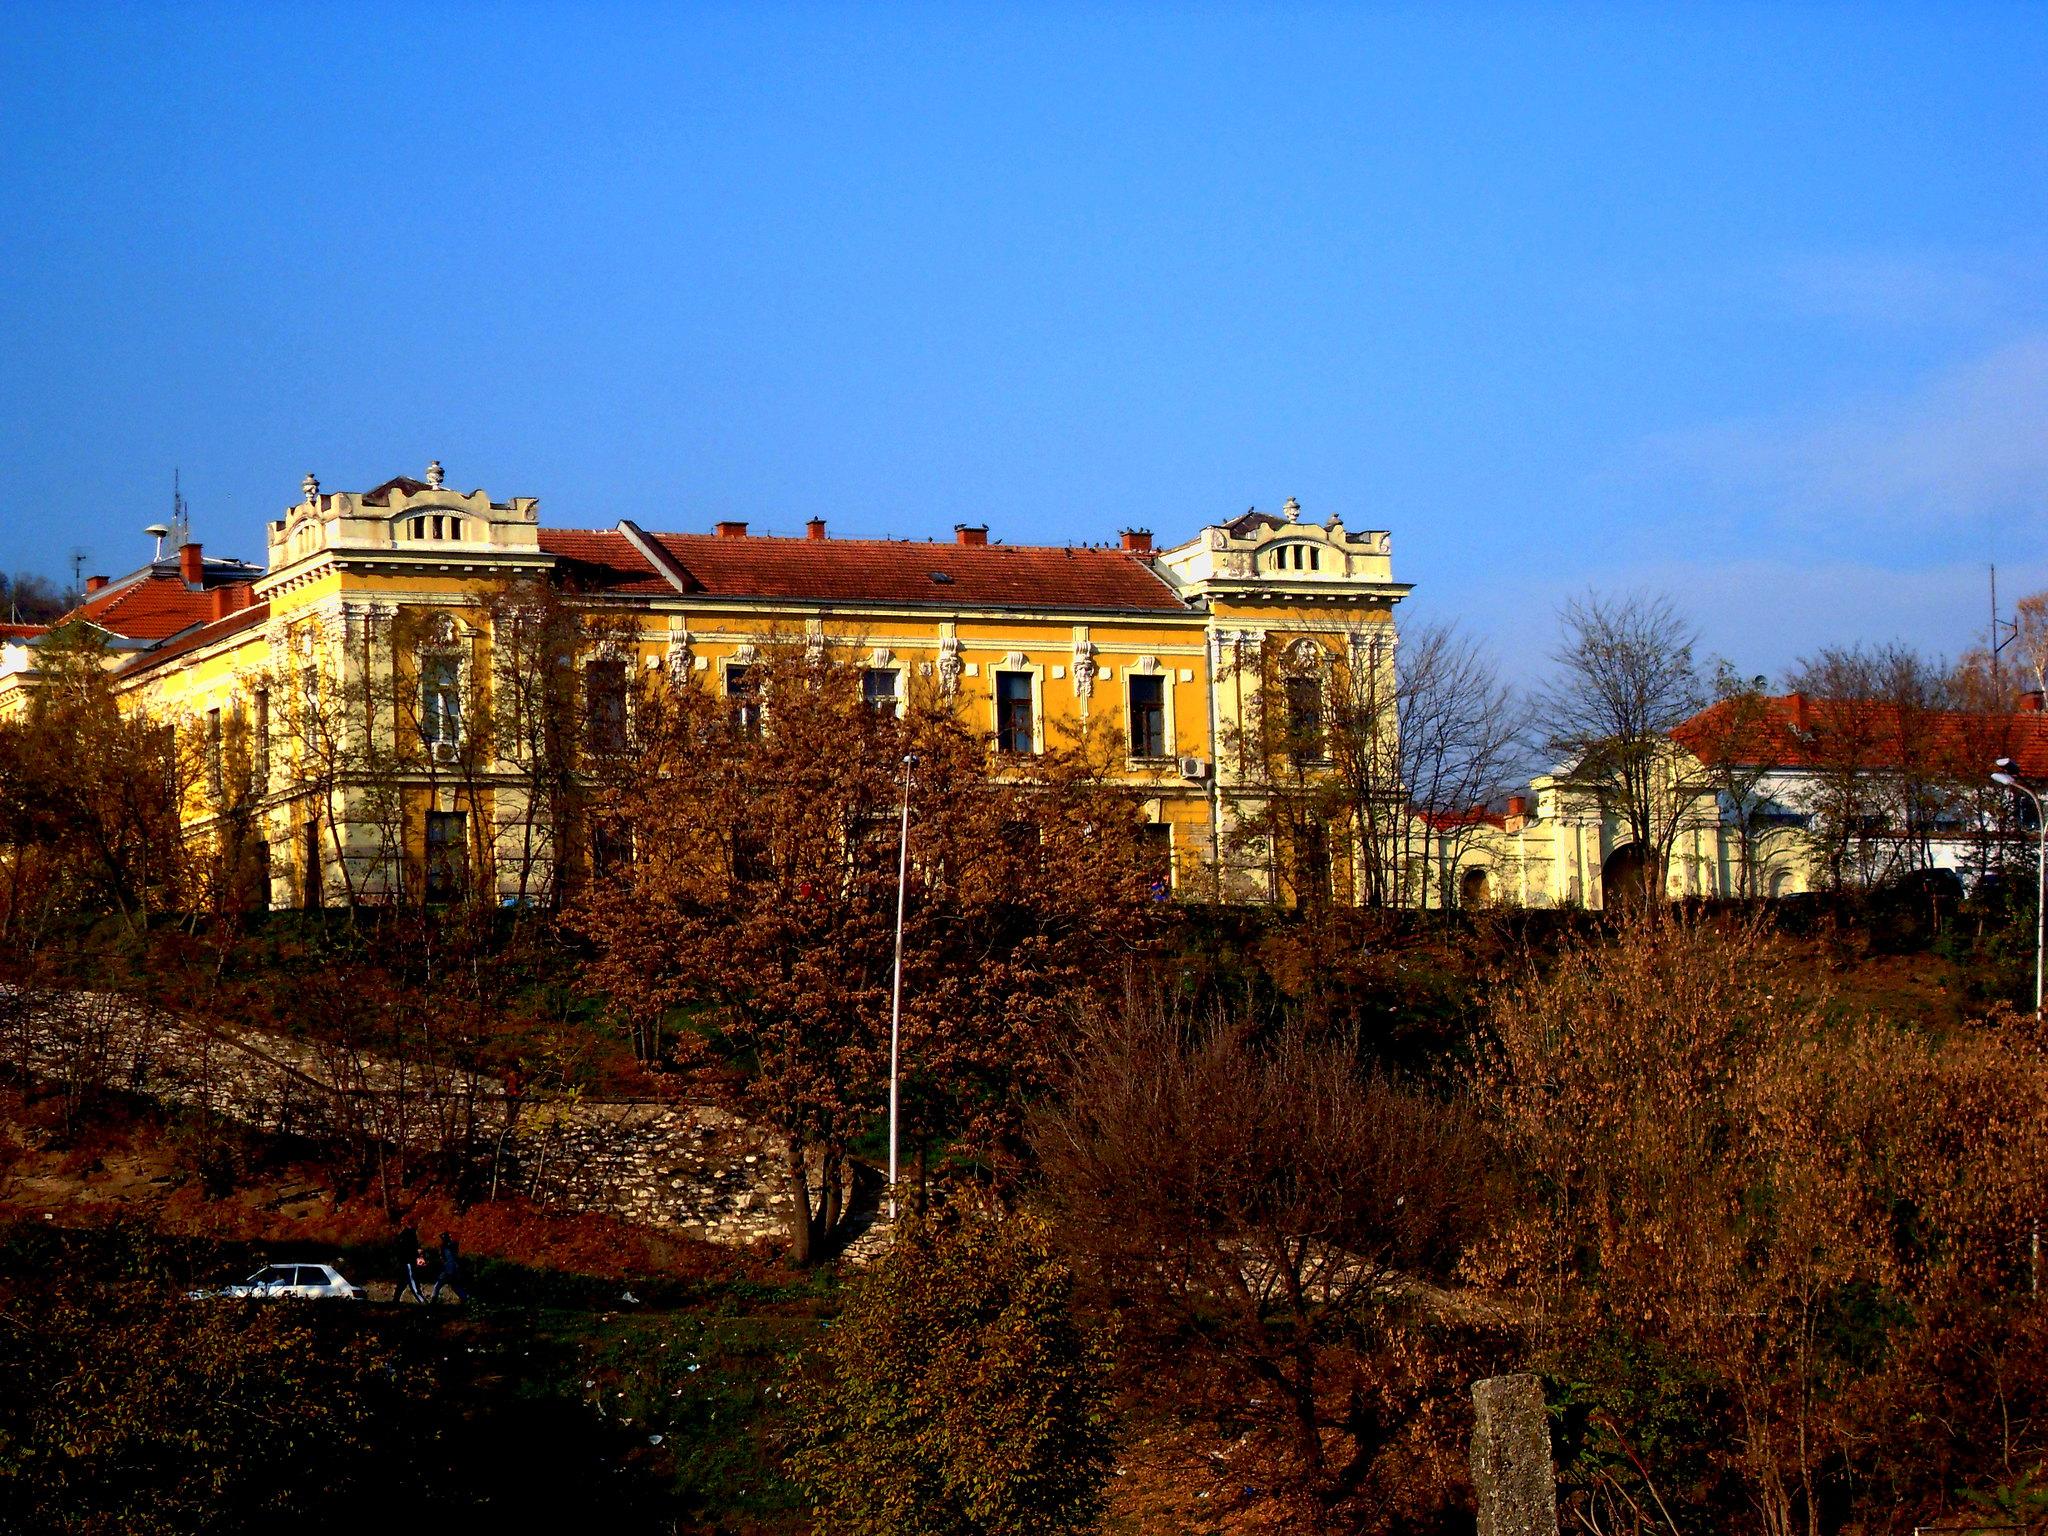 Prokuplje, Skupština opštine Prokuplje, Zgrada, Blog, Blogovanje